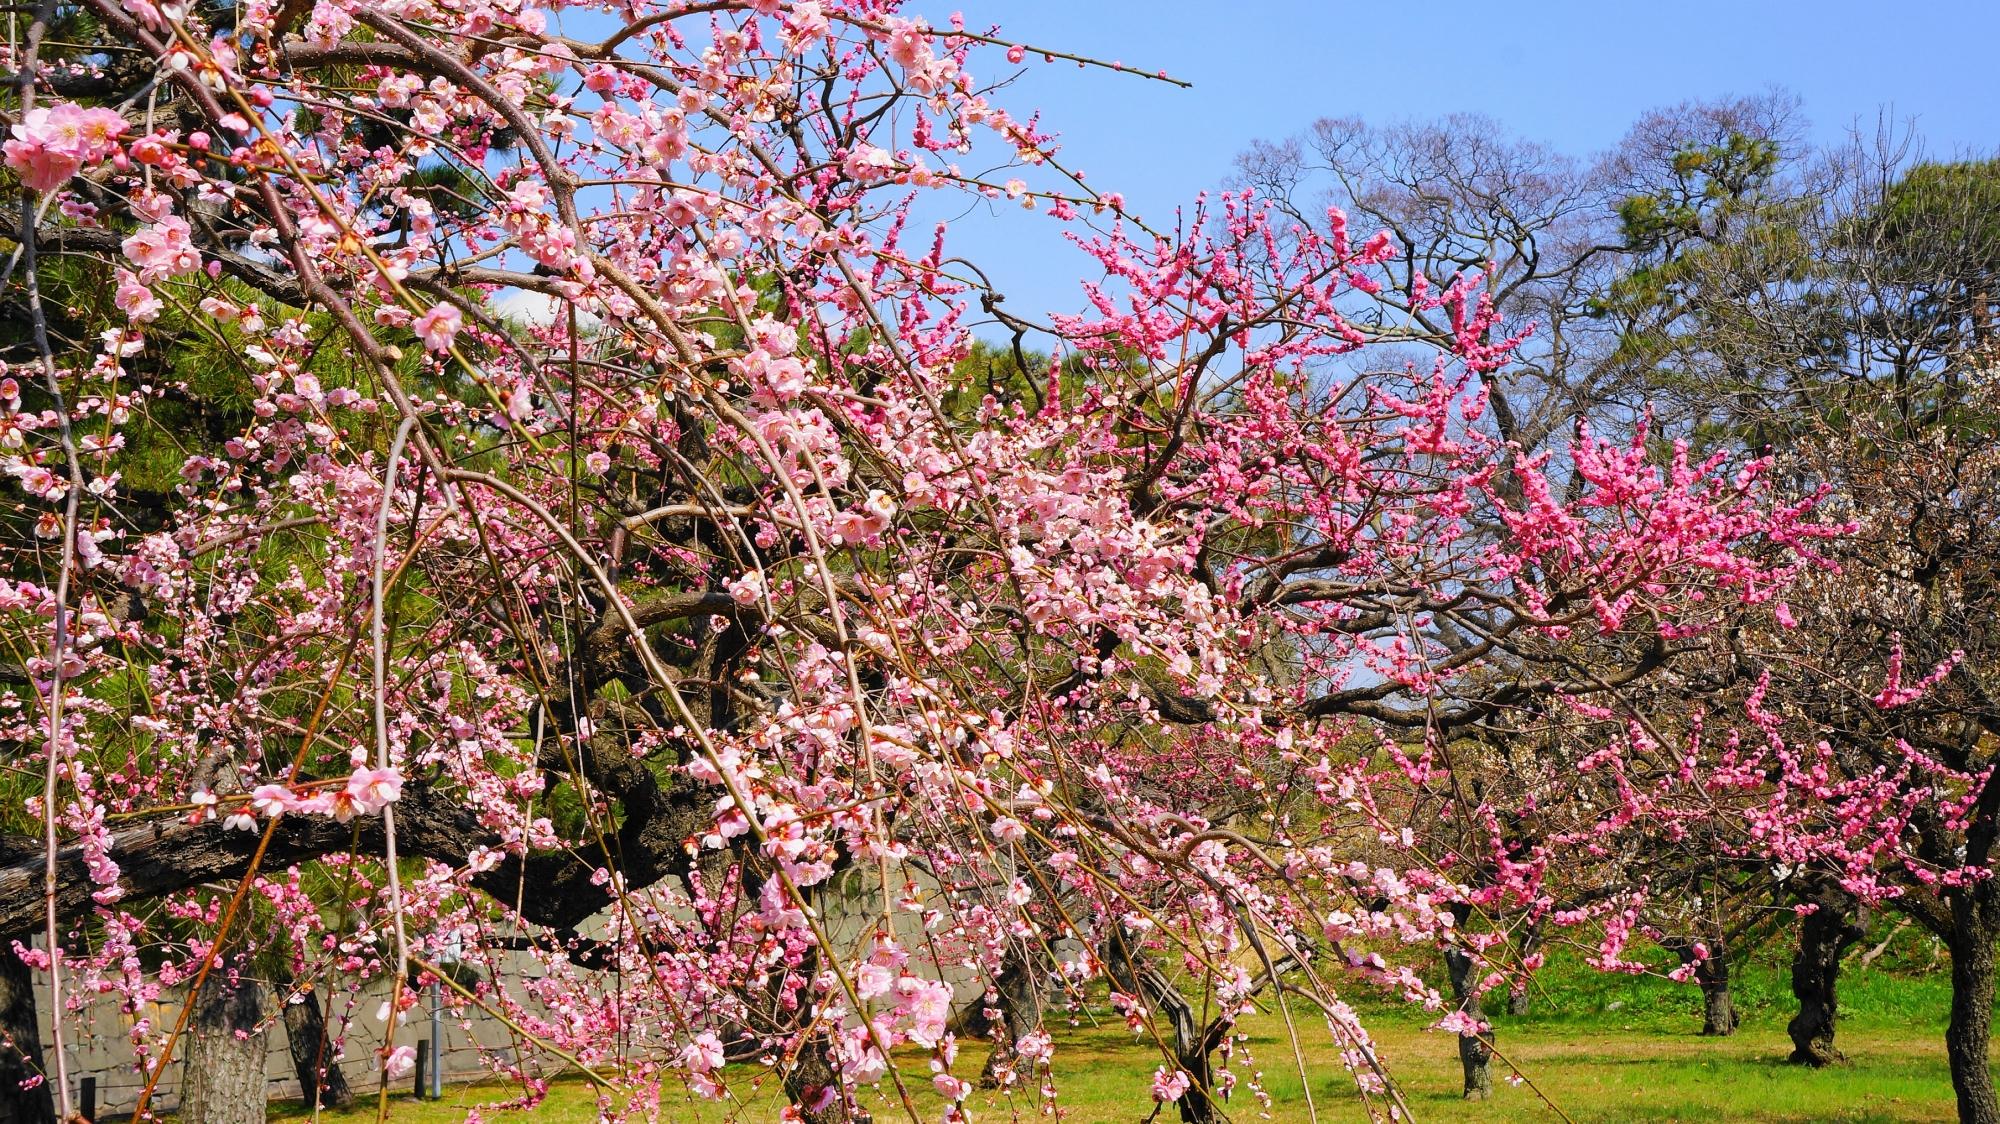 二条城の素晴らしい梅と春先の情景